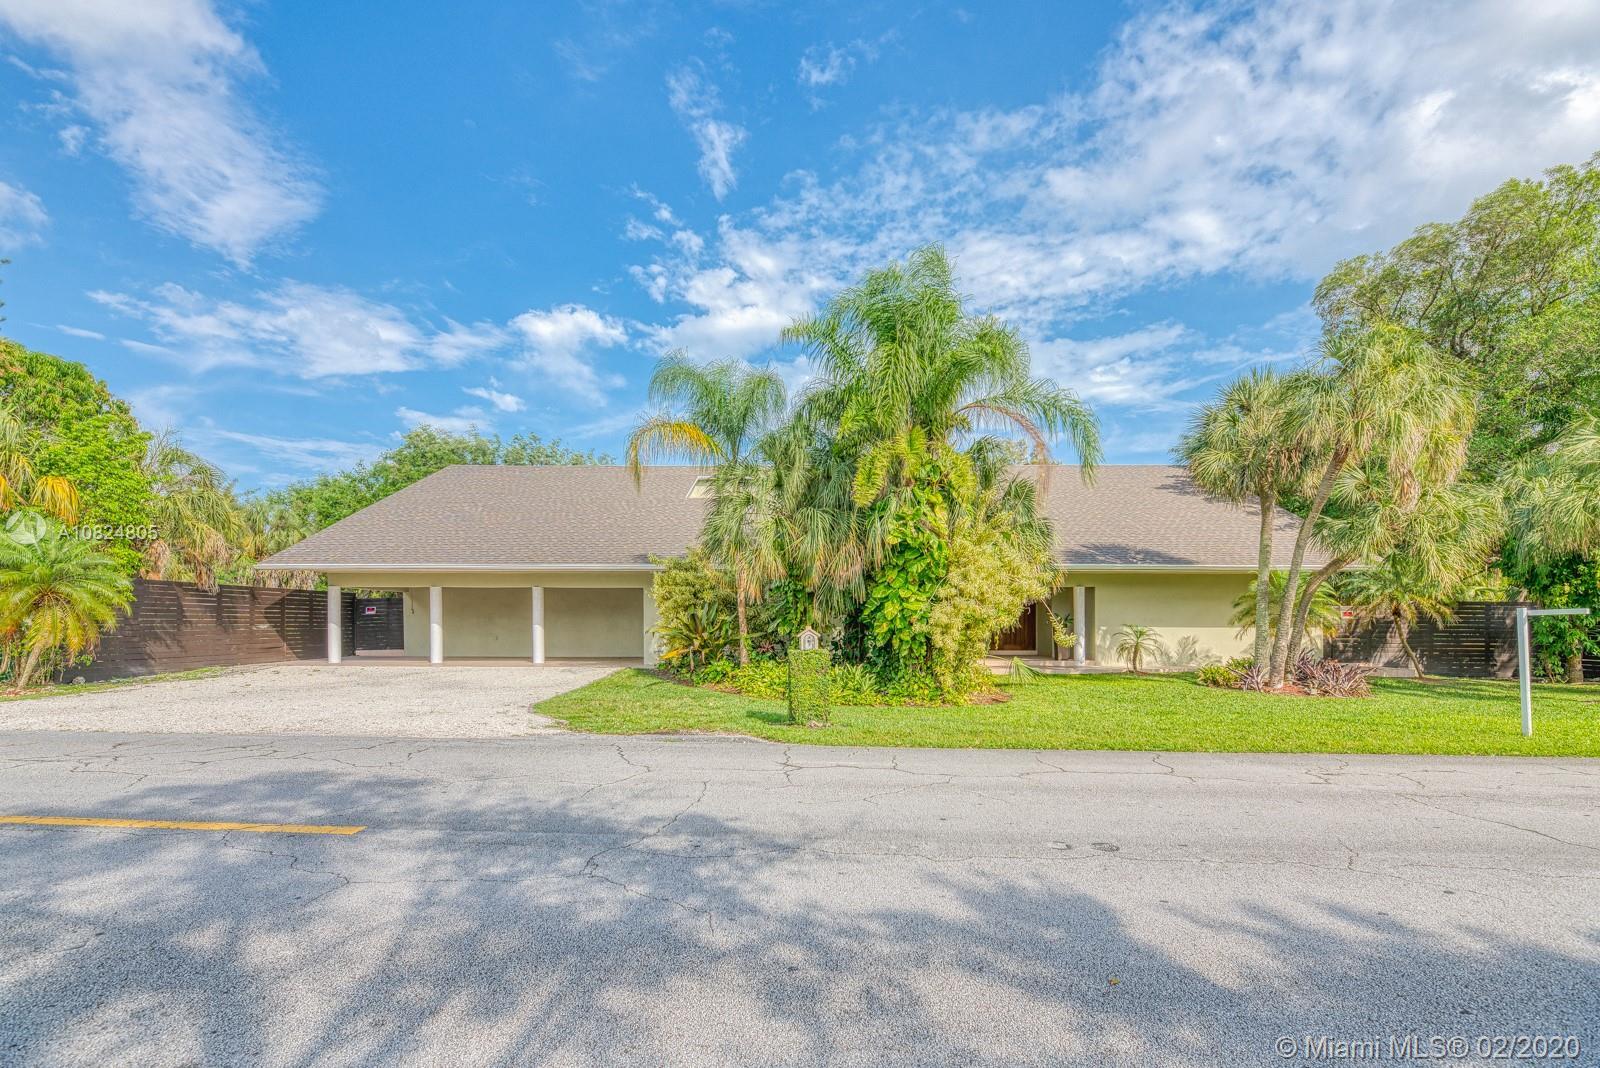 7997 SW 76th Ave, Miami FL 33143